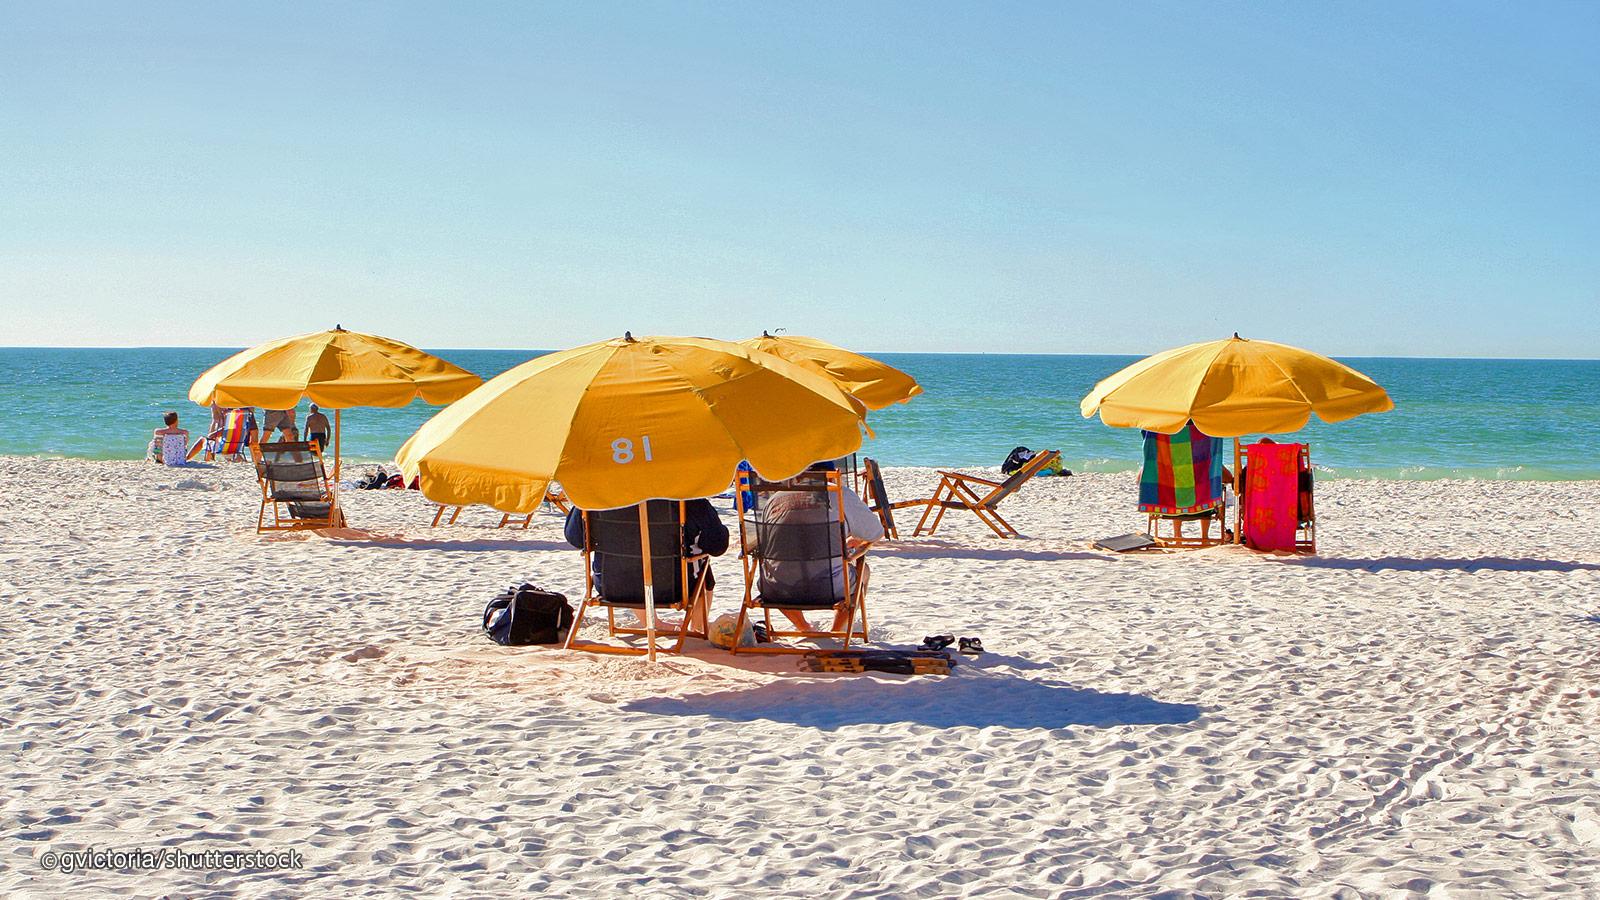 5 Best Beaches Near Orlando - Orlando's Best Beaches - Map Of Florida Beaches Near Orlando